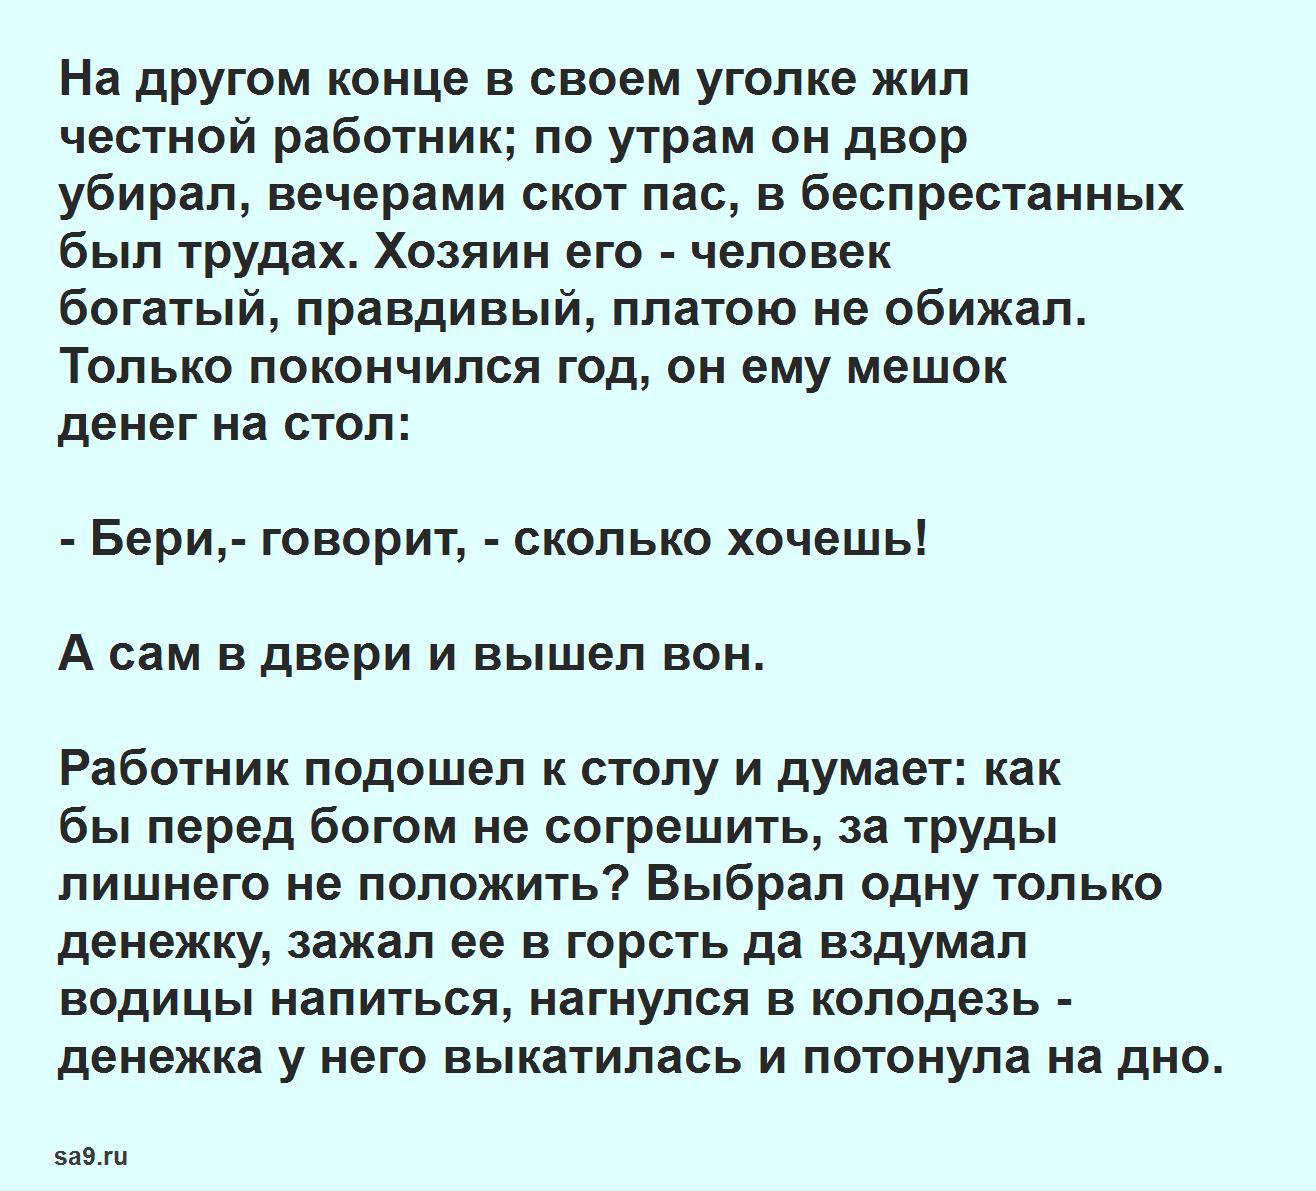 Русская народная сказка - Царевна-Несмеяна, читать онлайн бесплатно